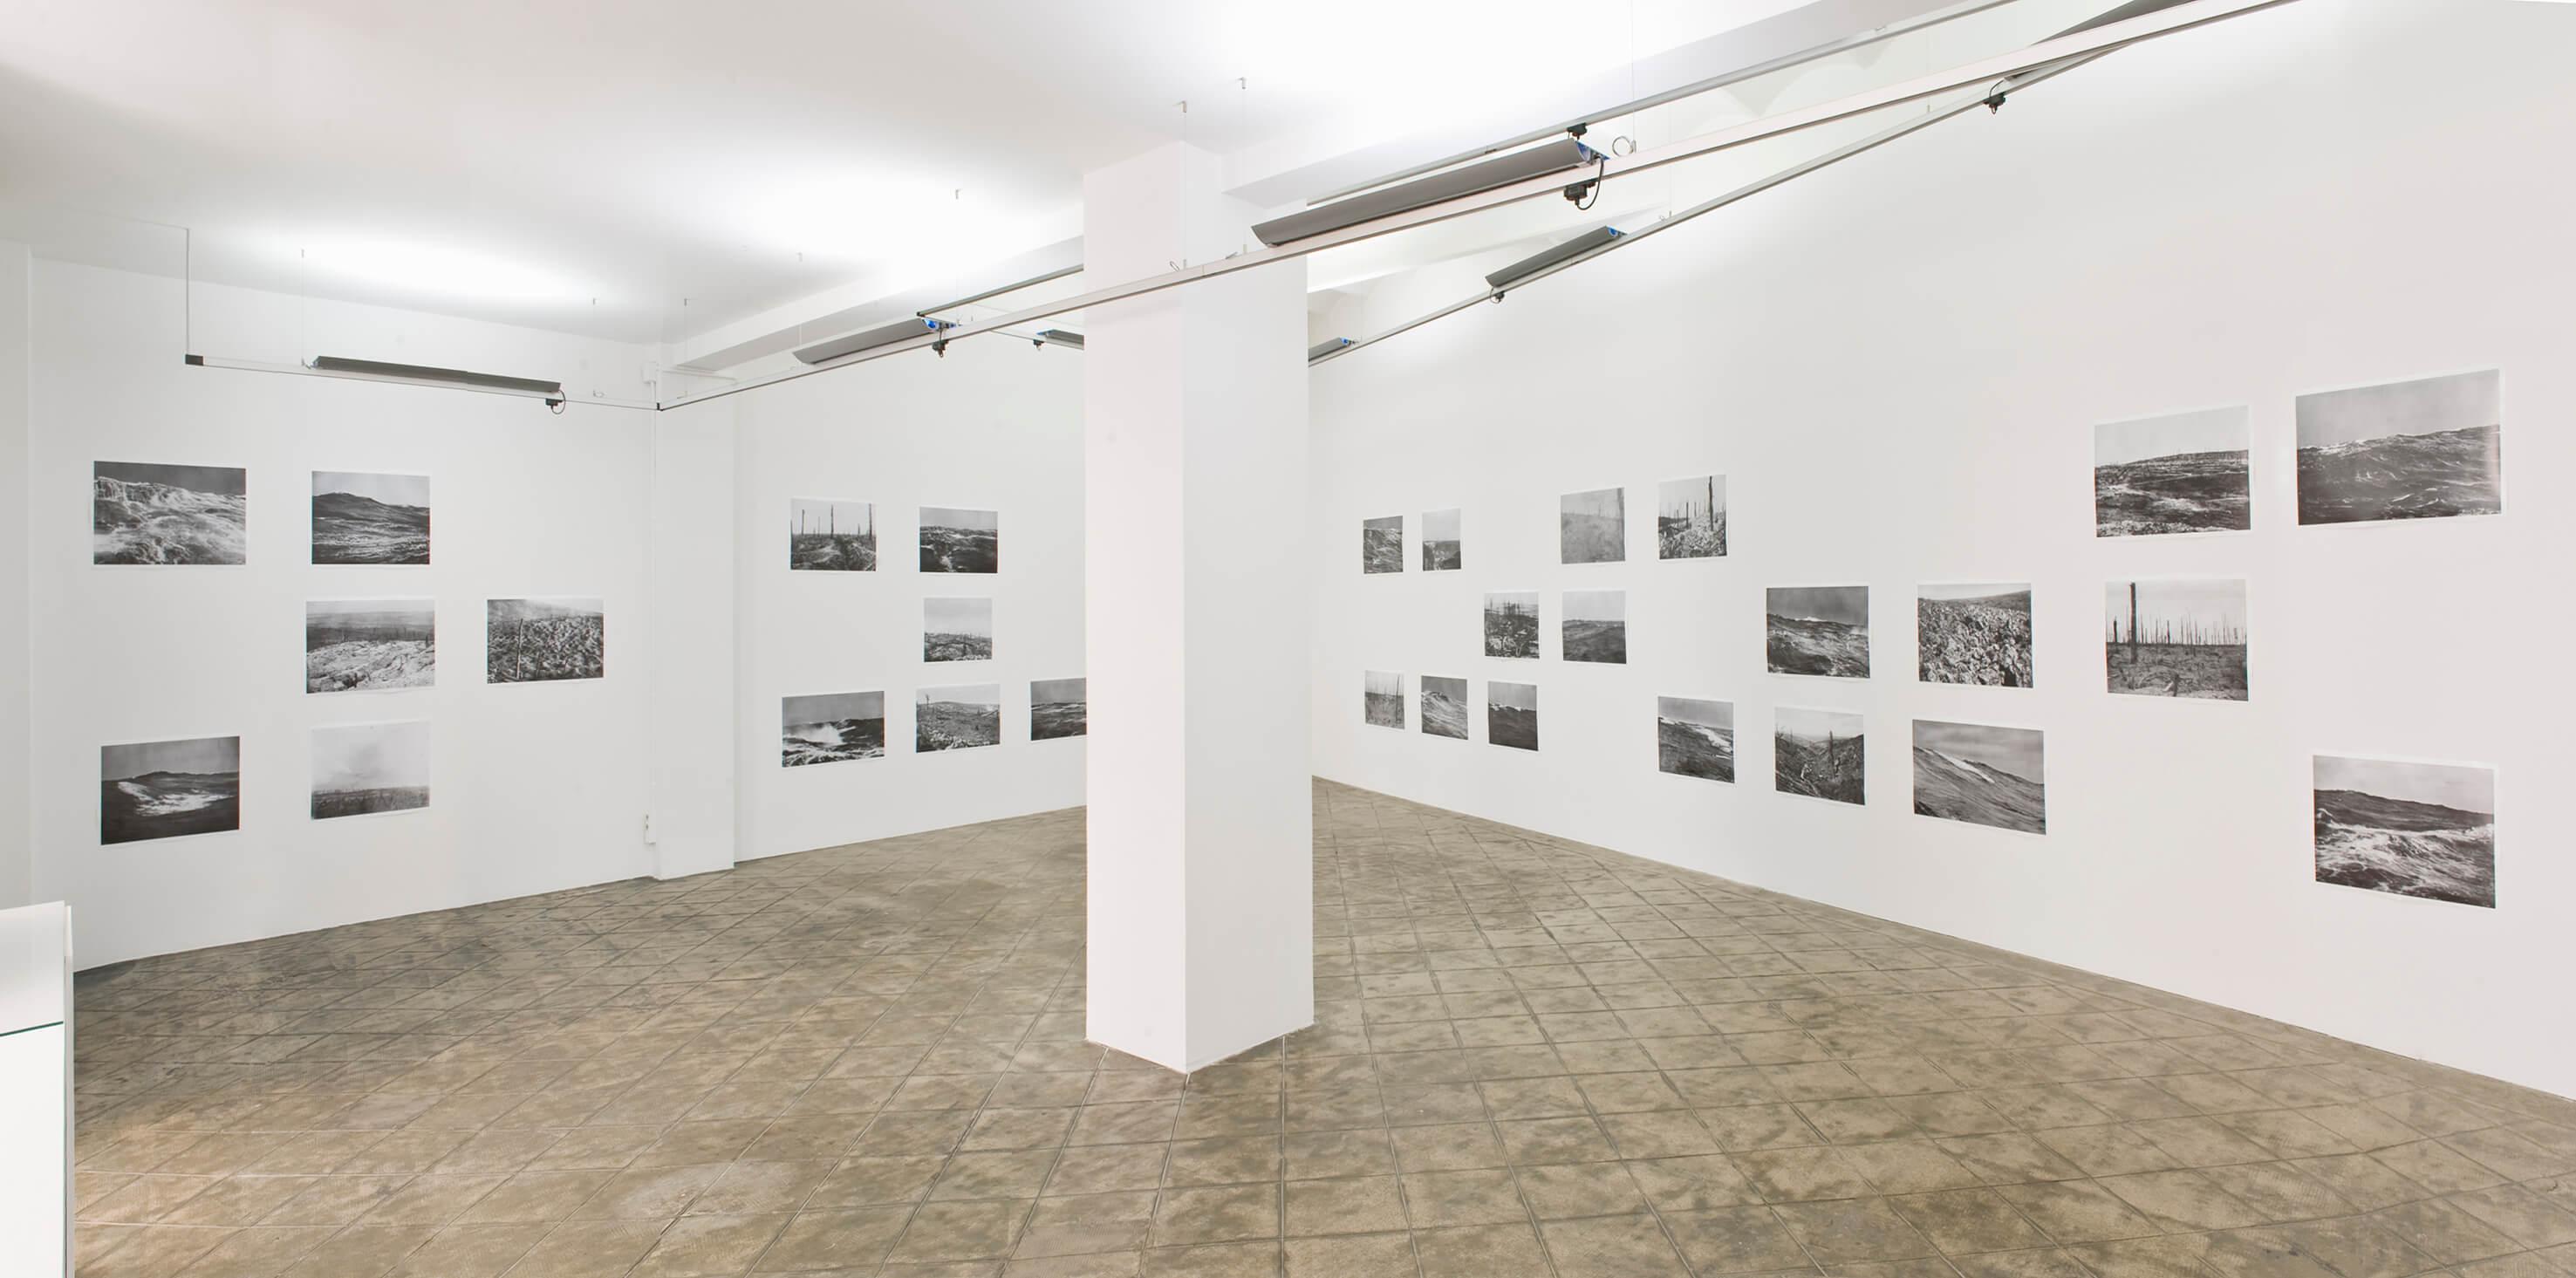 Installation view: Immer noch Sturm (Still Storming), ProjecteSD, Barcelona, 2012 | Immer Noch Sturm | ProjecteSD